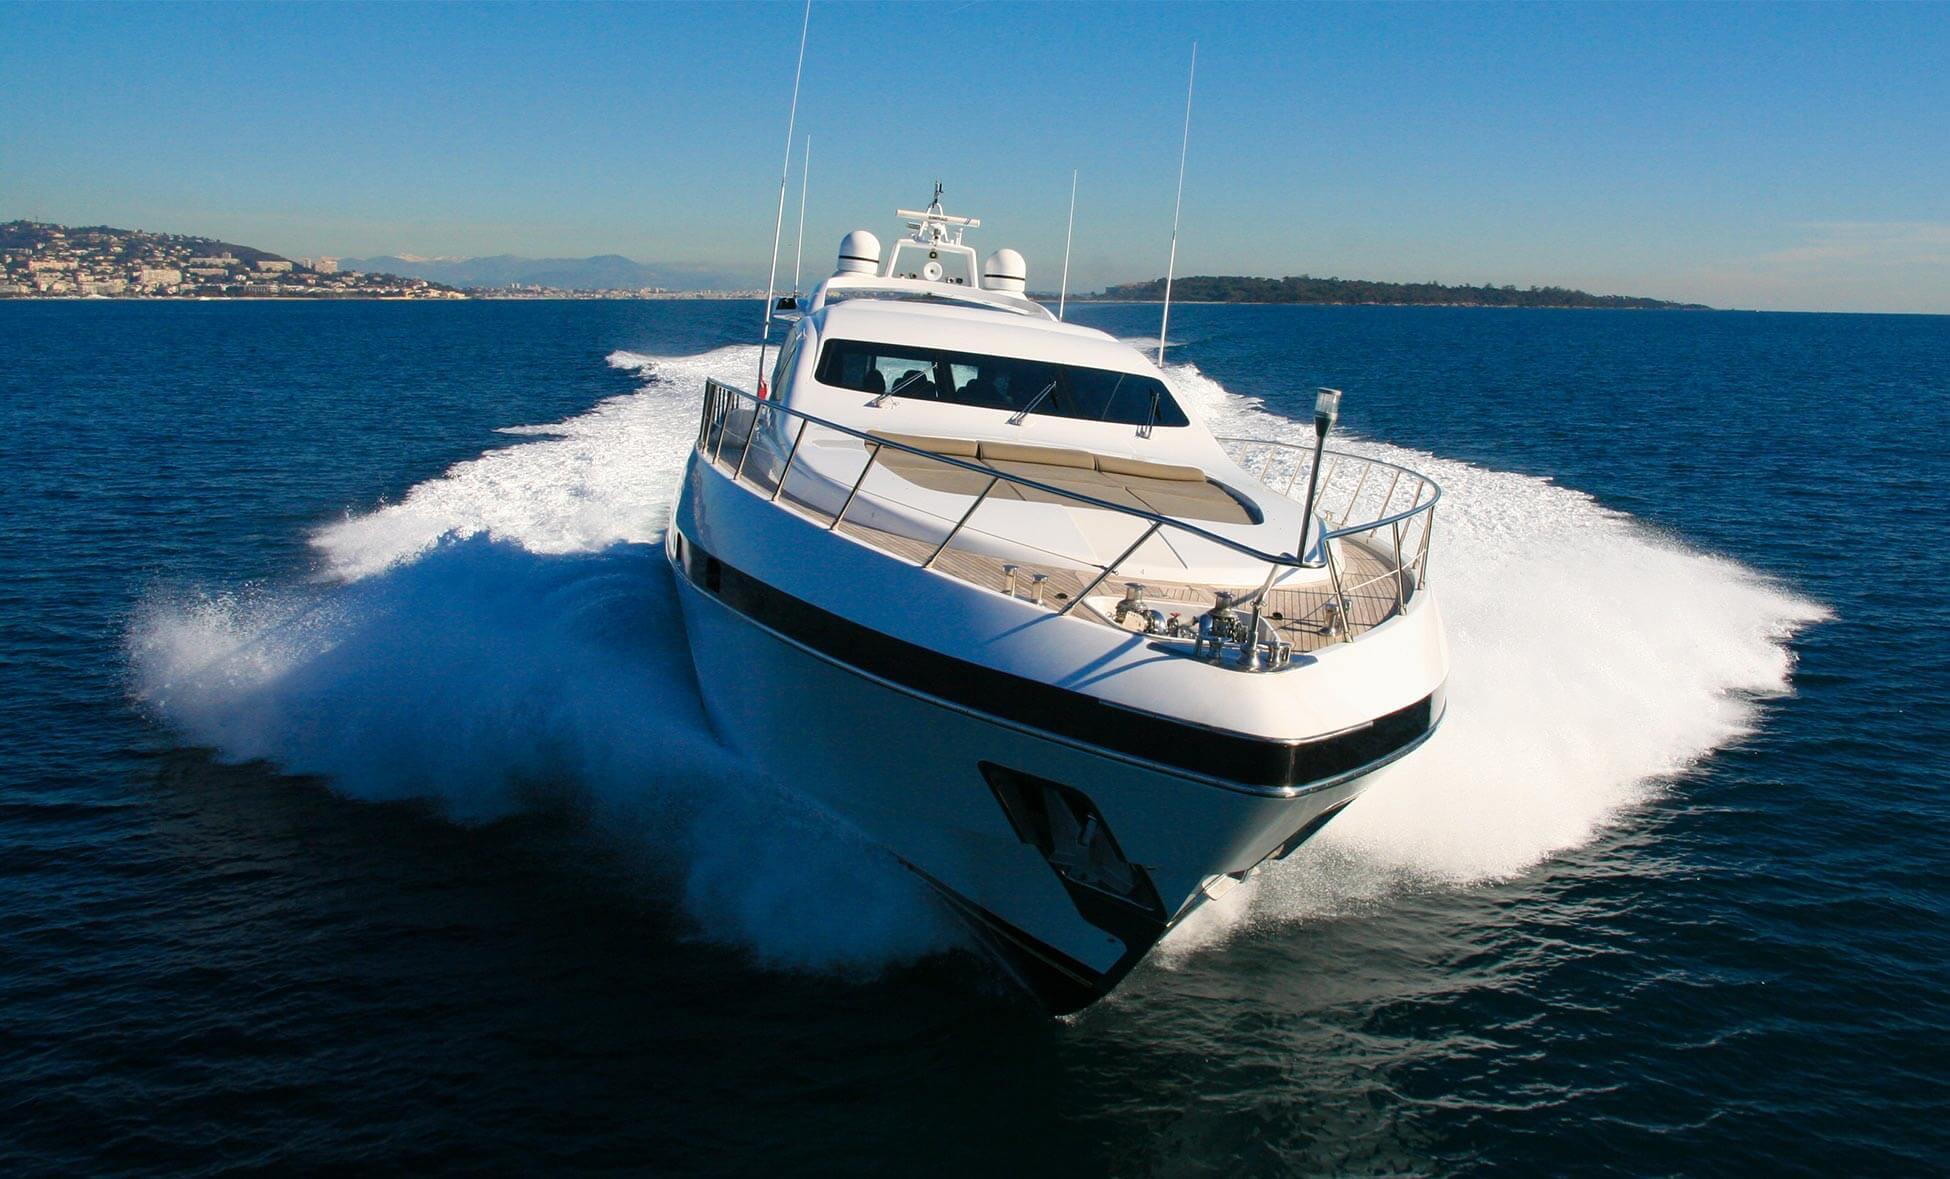 Permis hauturier - Extension hauturière - Le Cercle nautique Grau du Roi - Port Camargue